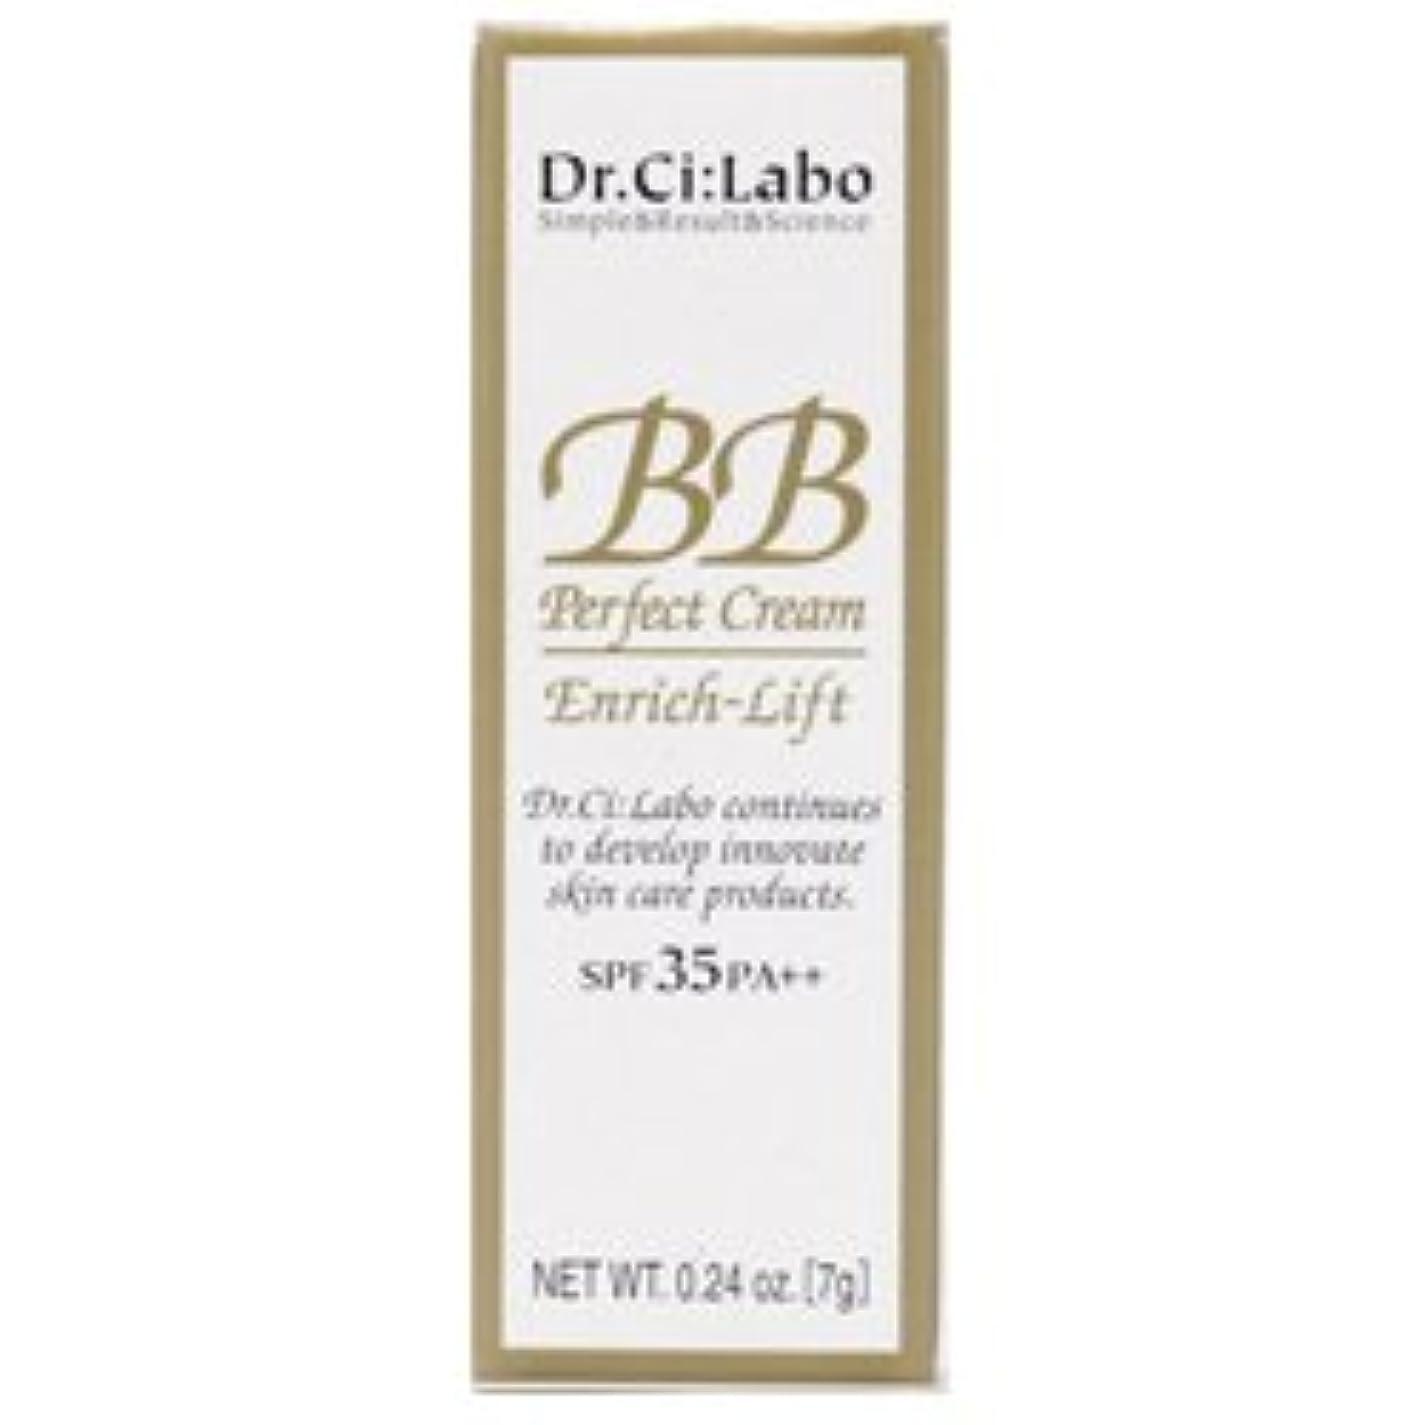 季節時系列フォーマル【ミニサイズ 7g】 ドクターシーラボ Dr.Ci:Labo BBパーフェクトクリーム エンリッチリフトv SPF35 PA++